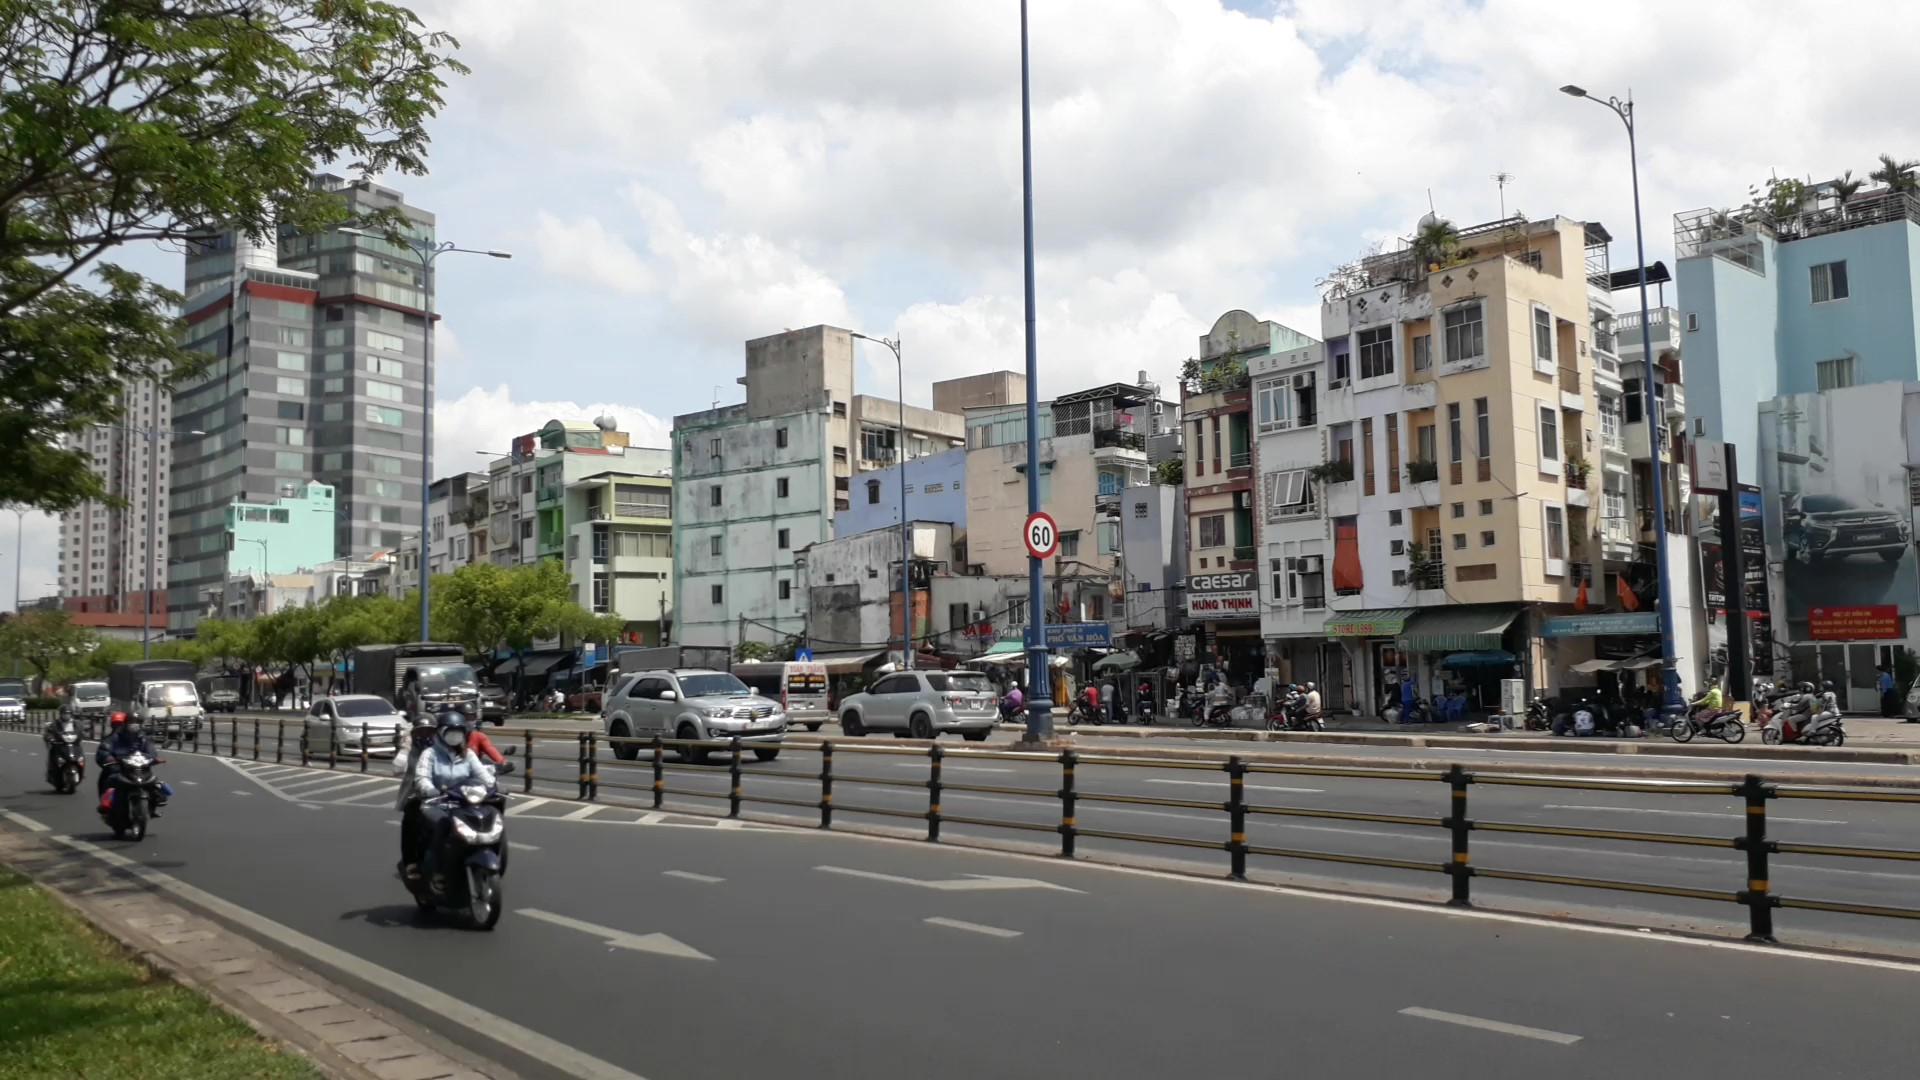 Bán nhà Mặt tiền Võ Văn Kiệt phường 1 Quận 5 gần cầu Chữ Y